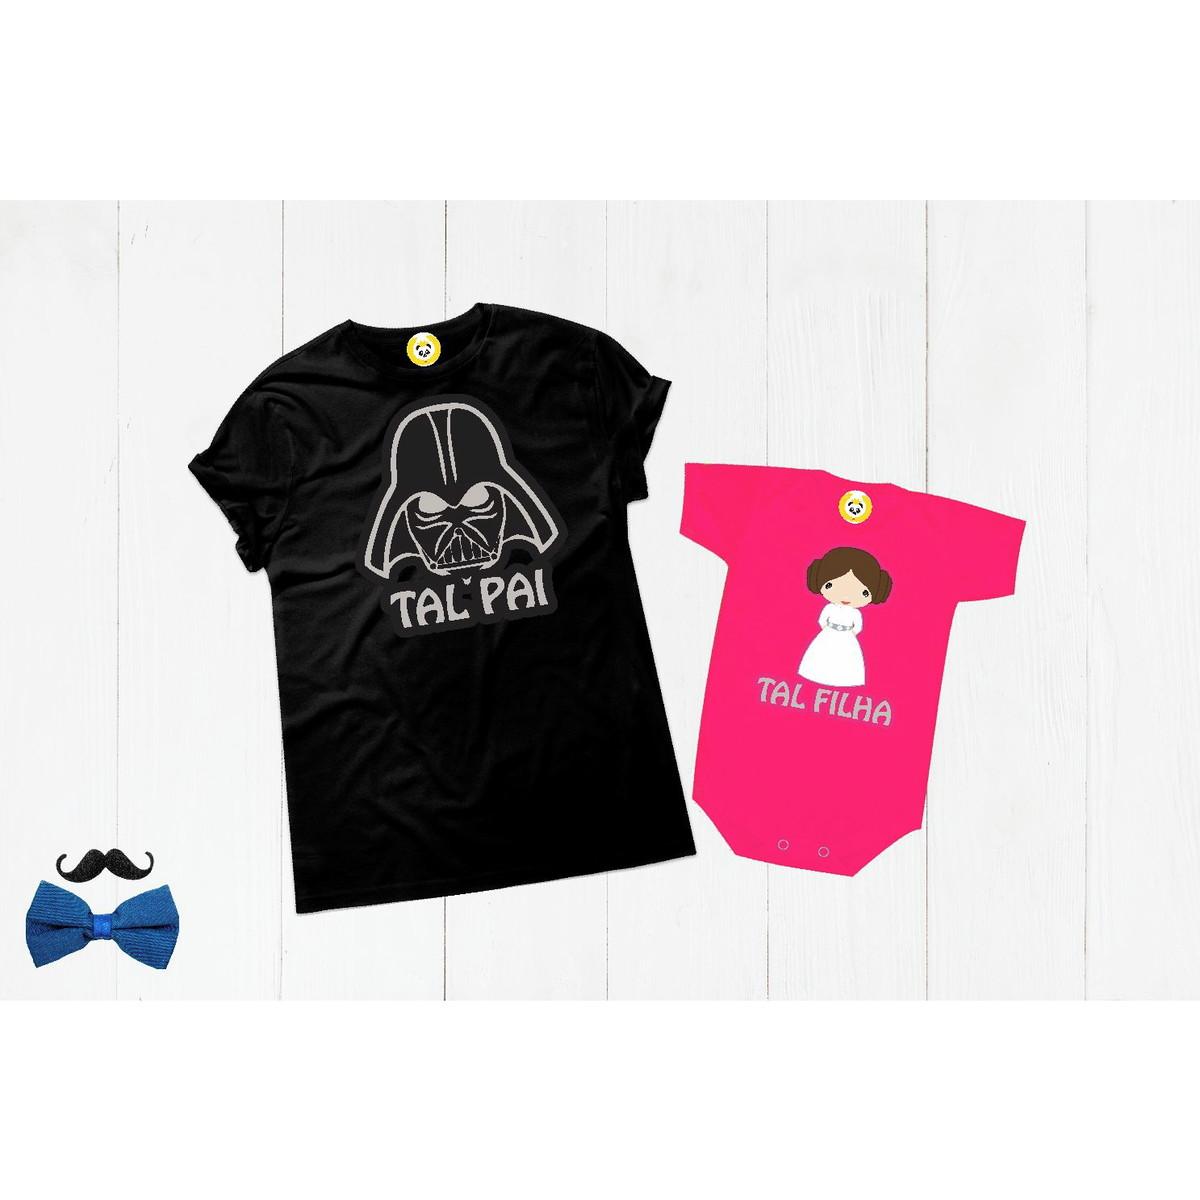 54e8588fcbb721 Kit Camiseta Darth Vader e Princesa Leia Tal Pai Tal Filha